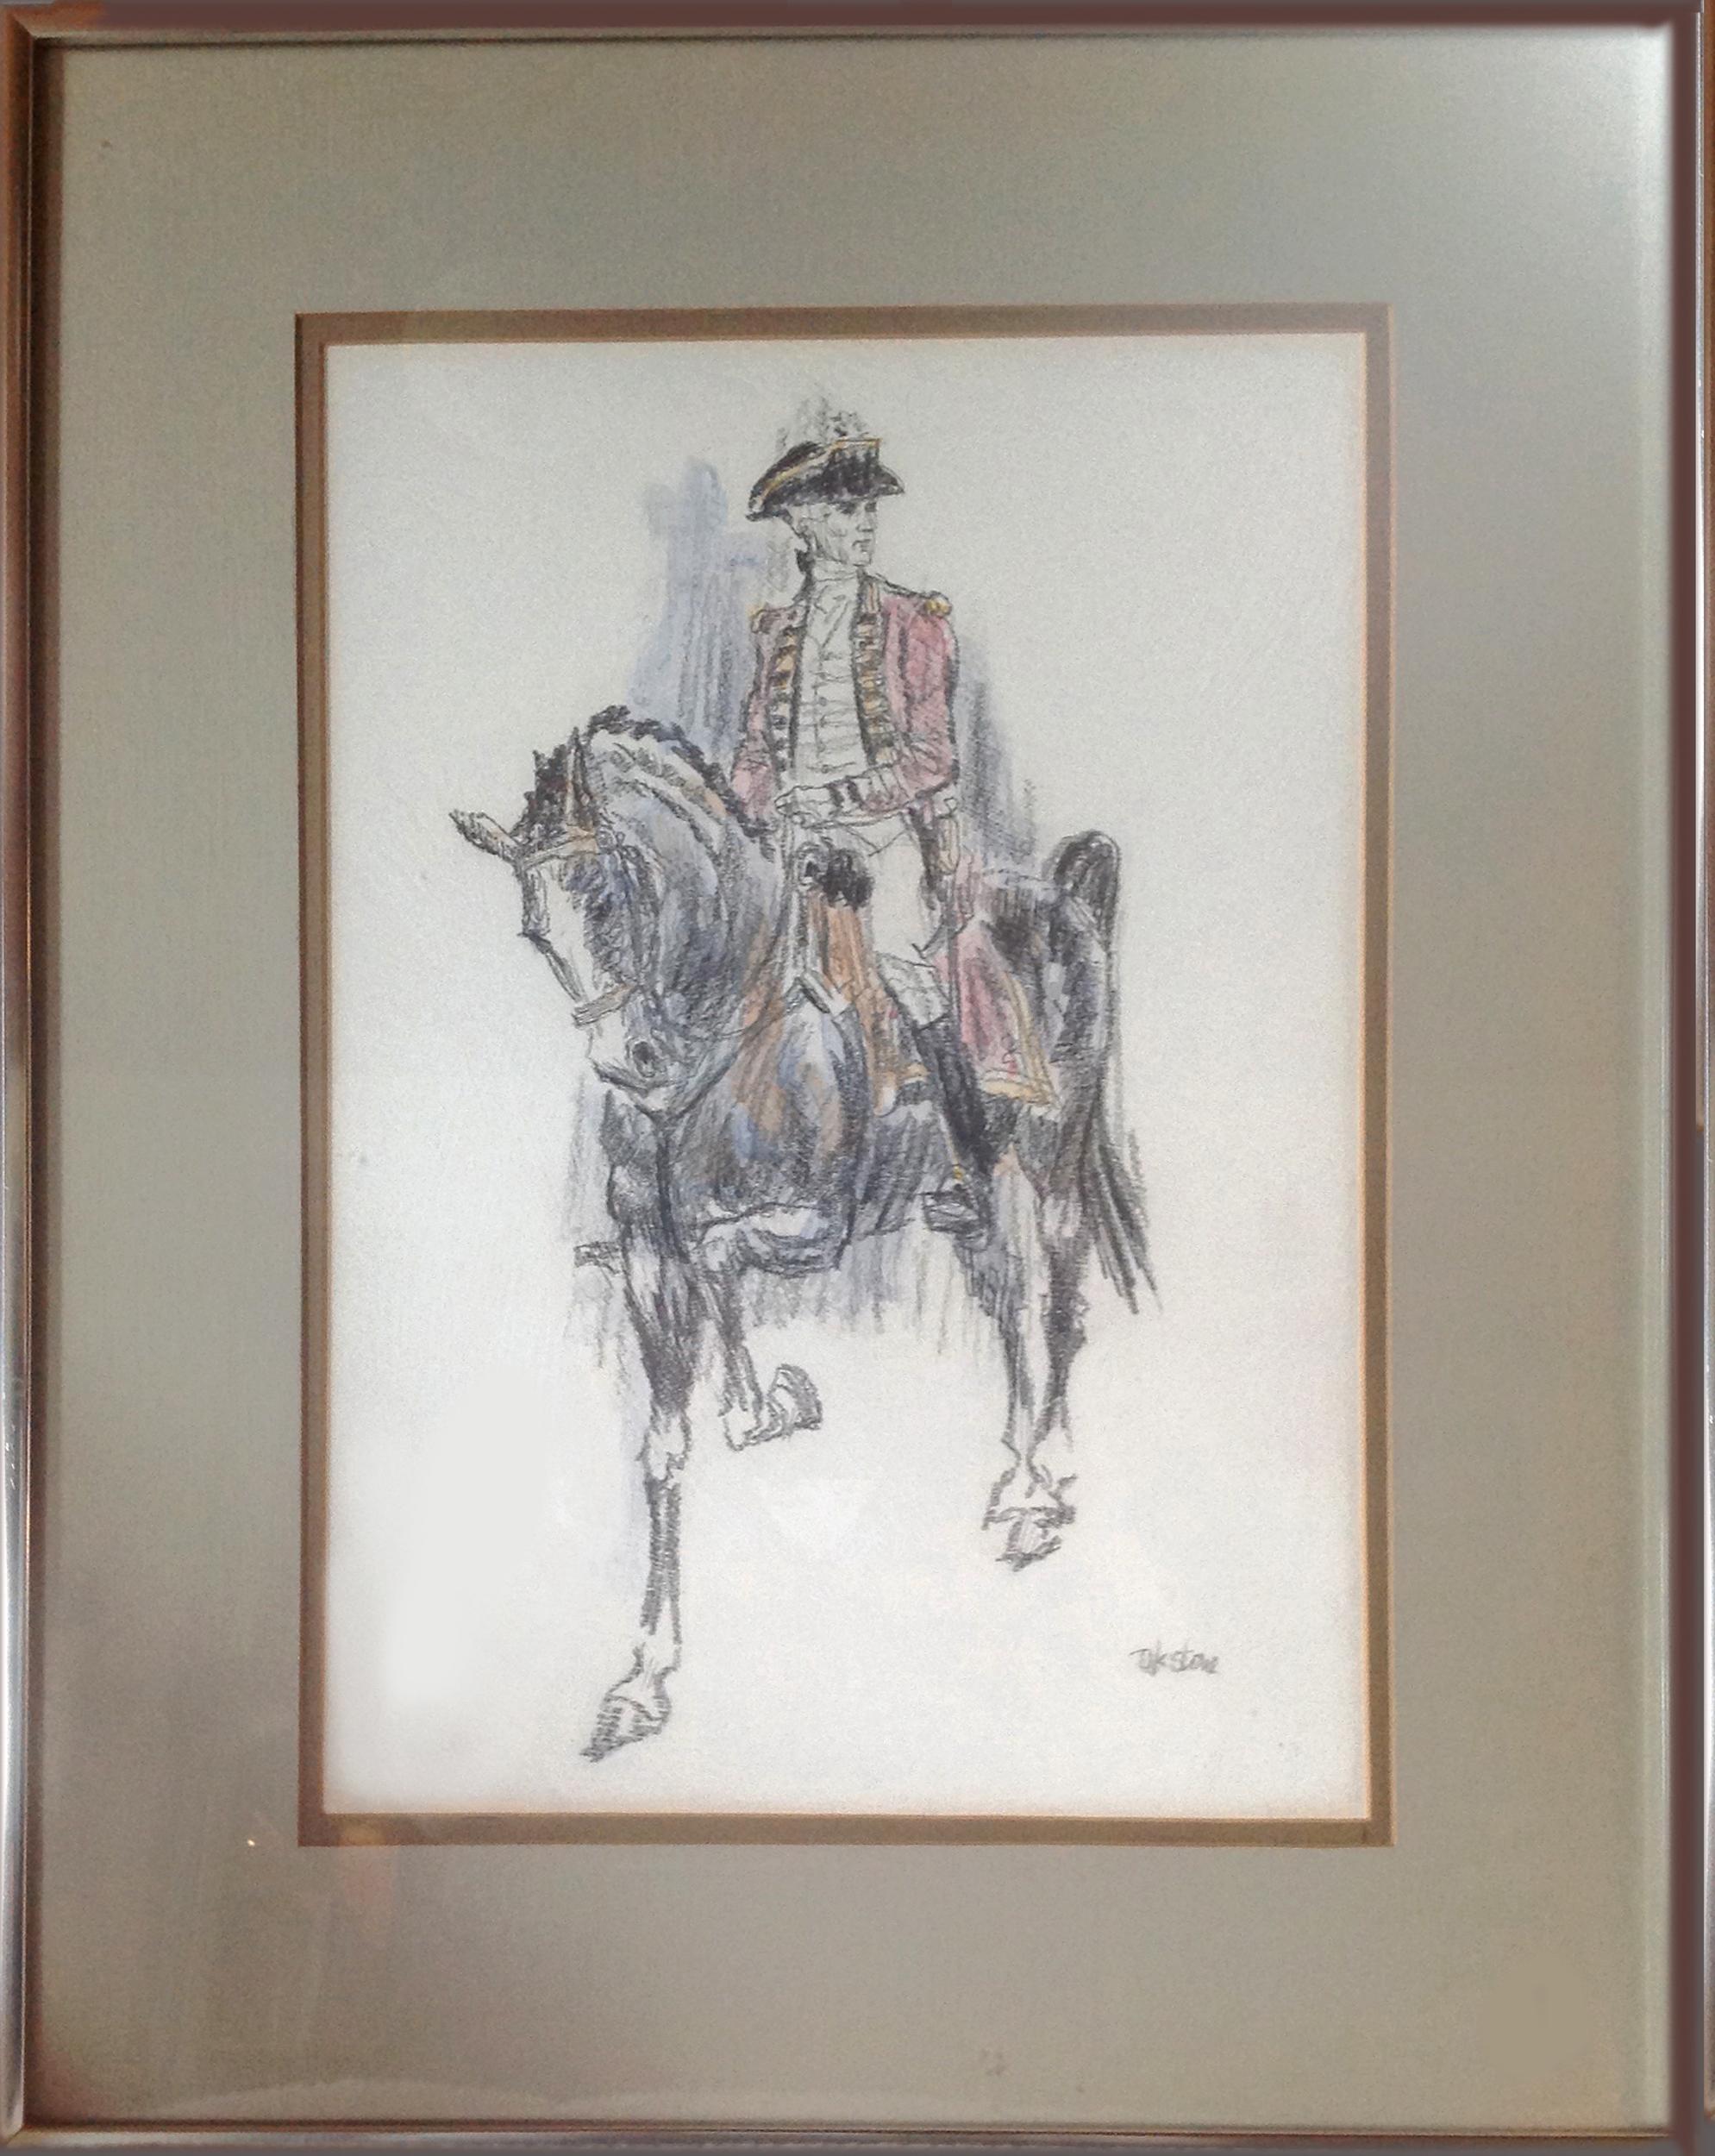 David K. Stone, George Washington on Horse, Pastel Drawing